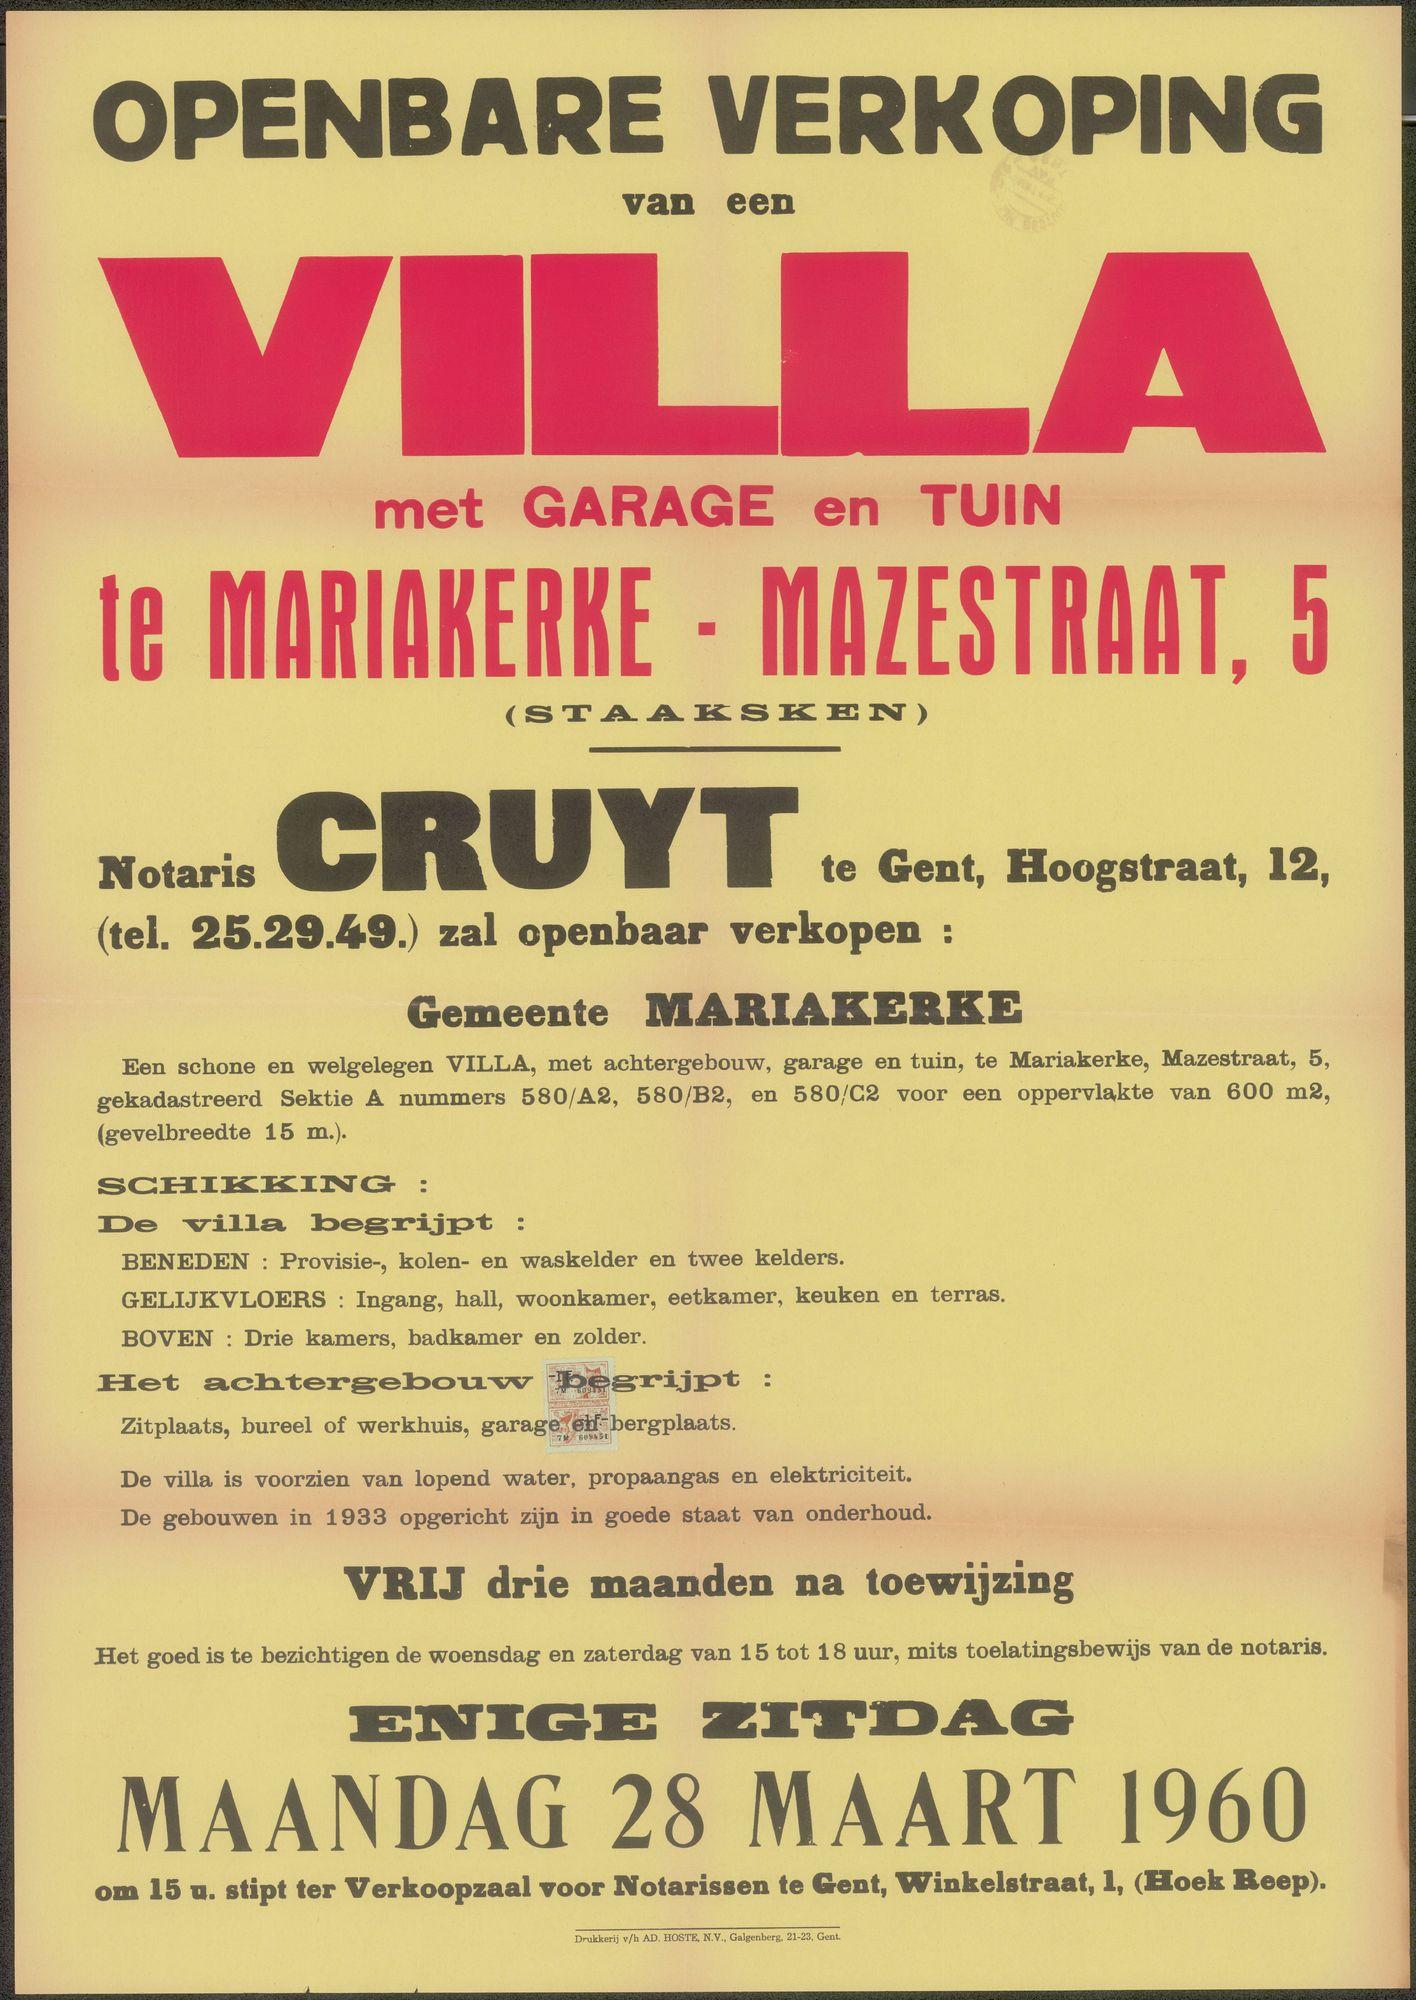 Openbare verkoop van een Villa met garage en tuin te Mariakerke - Mazestraat, nr. 5 (Staaksken), Gent, 28 maart 1960